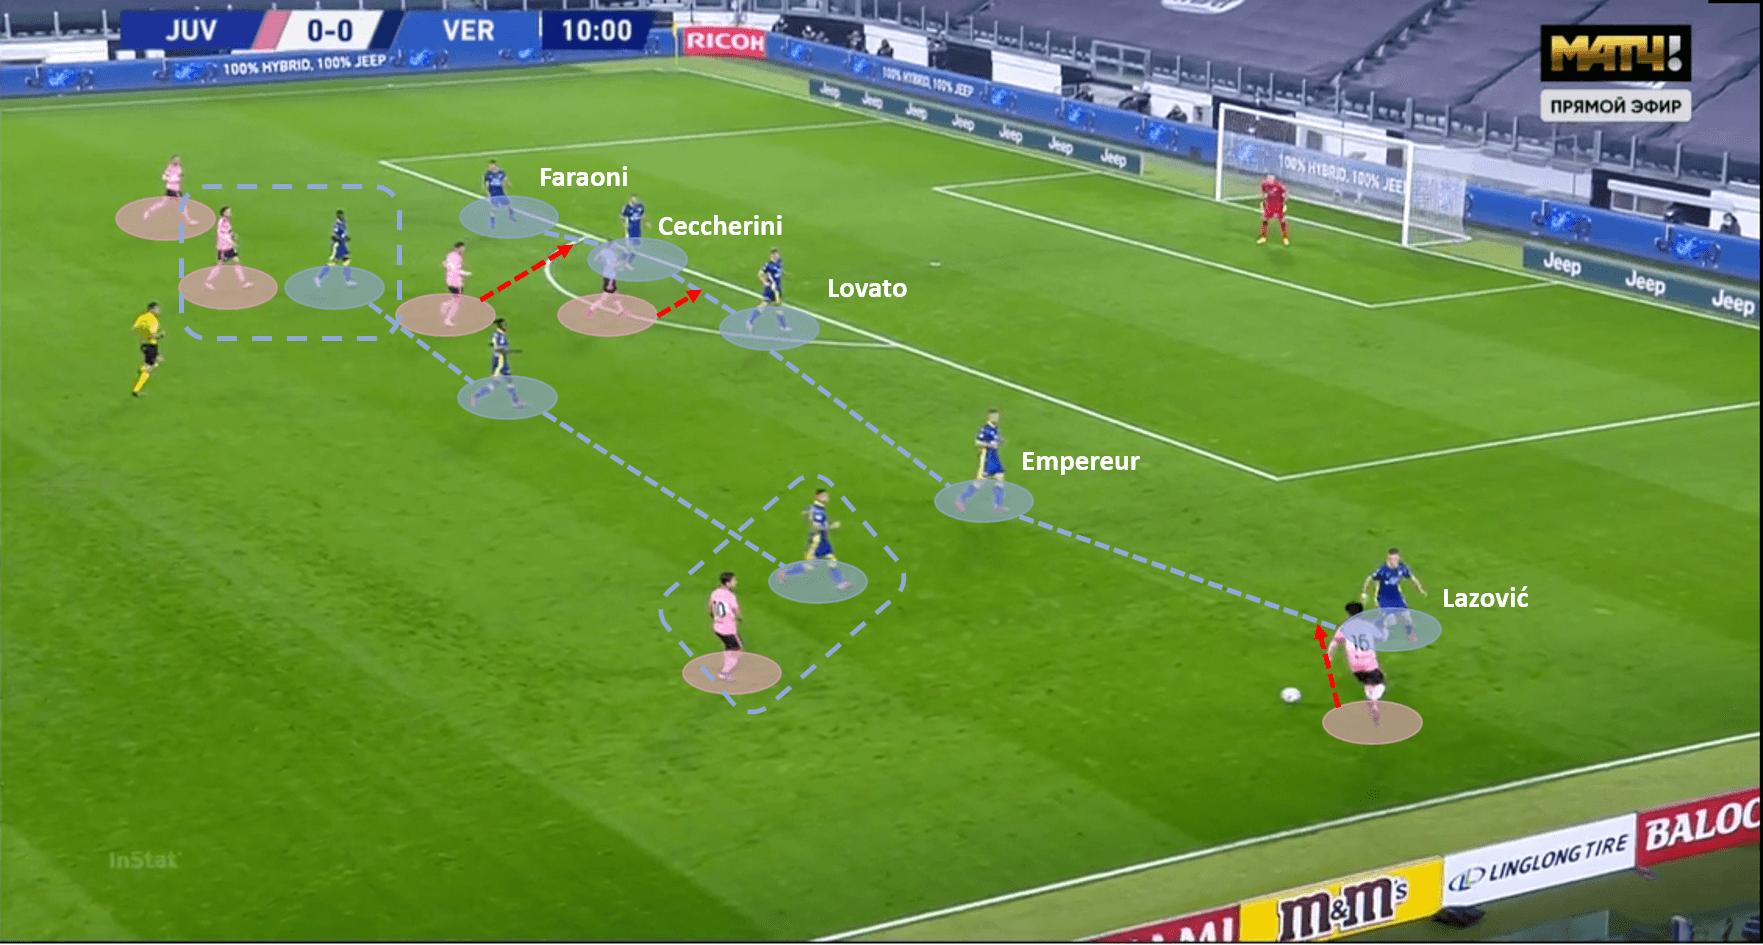 Serie A 2020/21: Juventus vs Verona – tactical analysis tactics